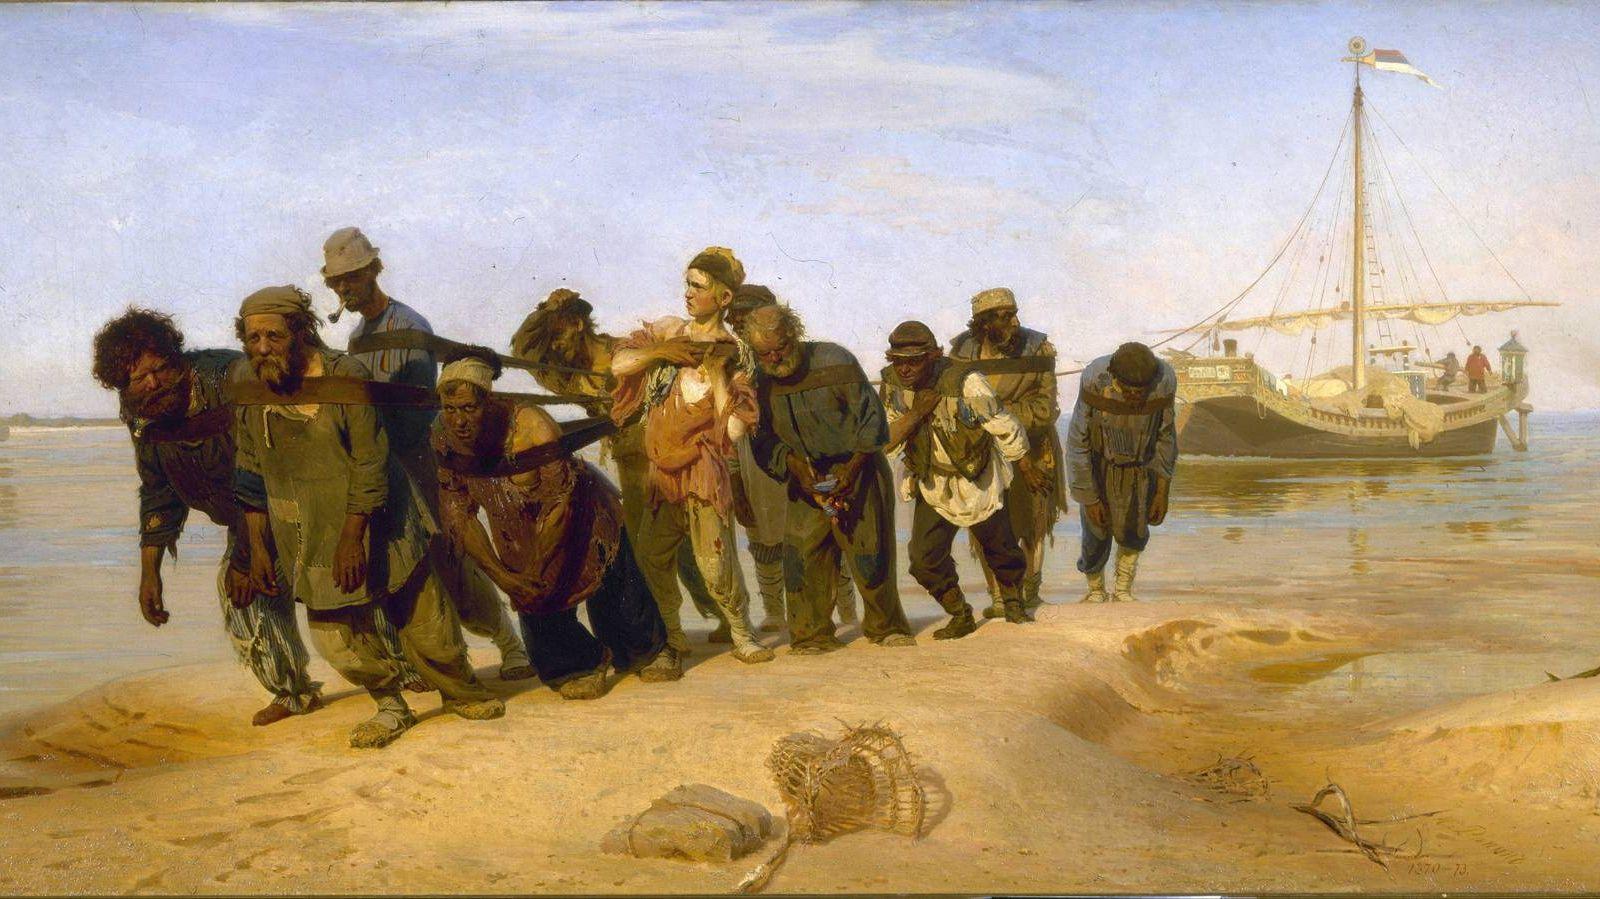 Репин Илья. Бурлаки на Волге (фрагмент). 1872-1873